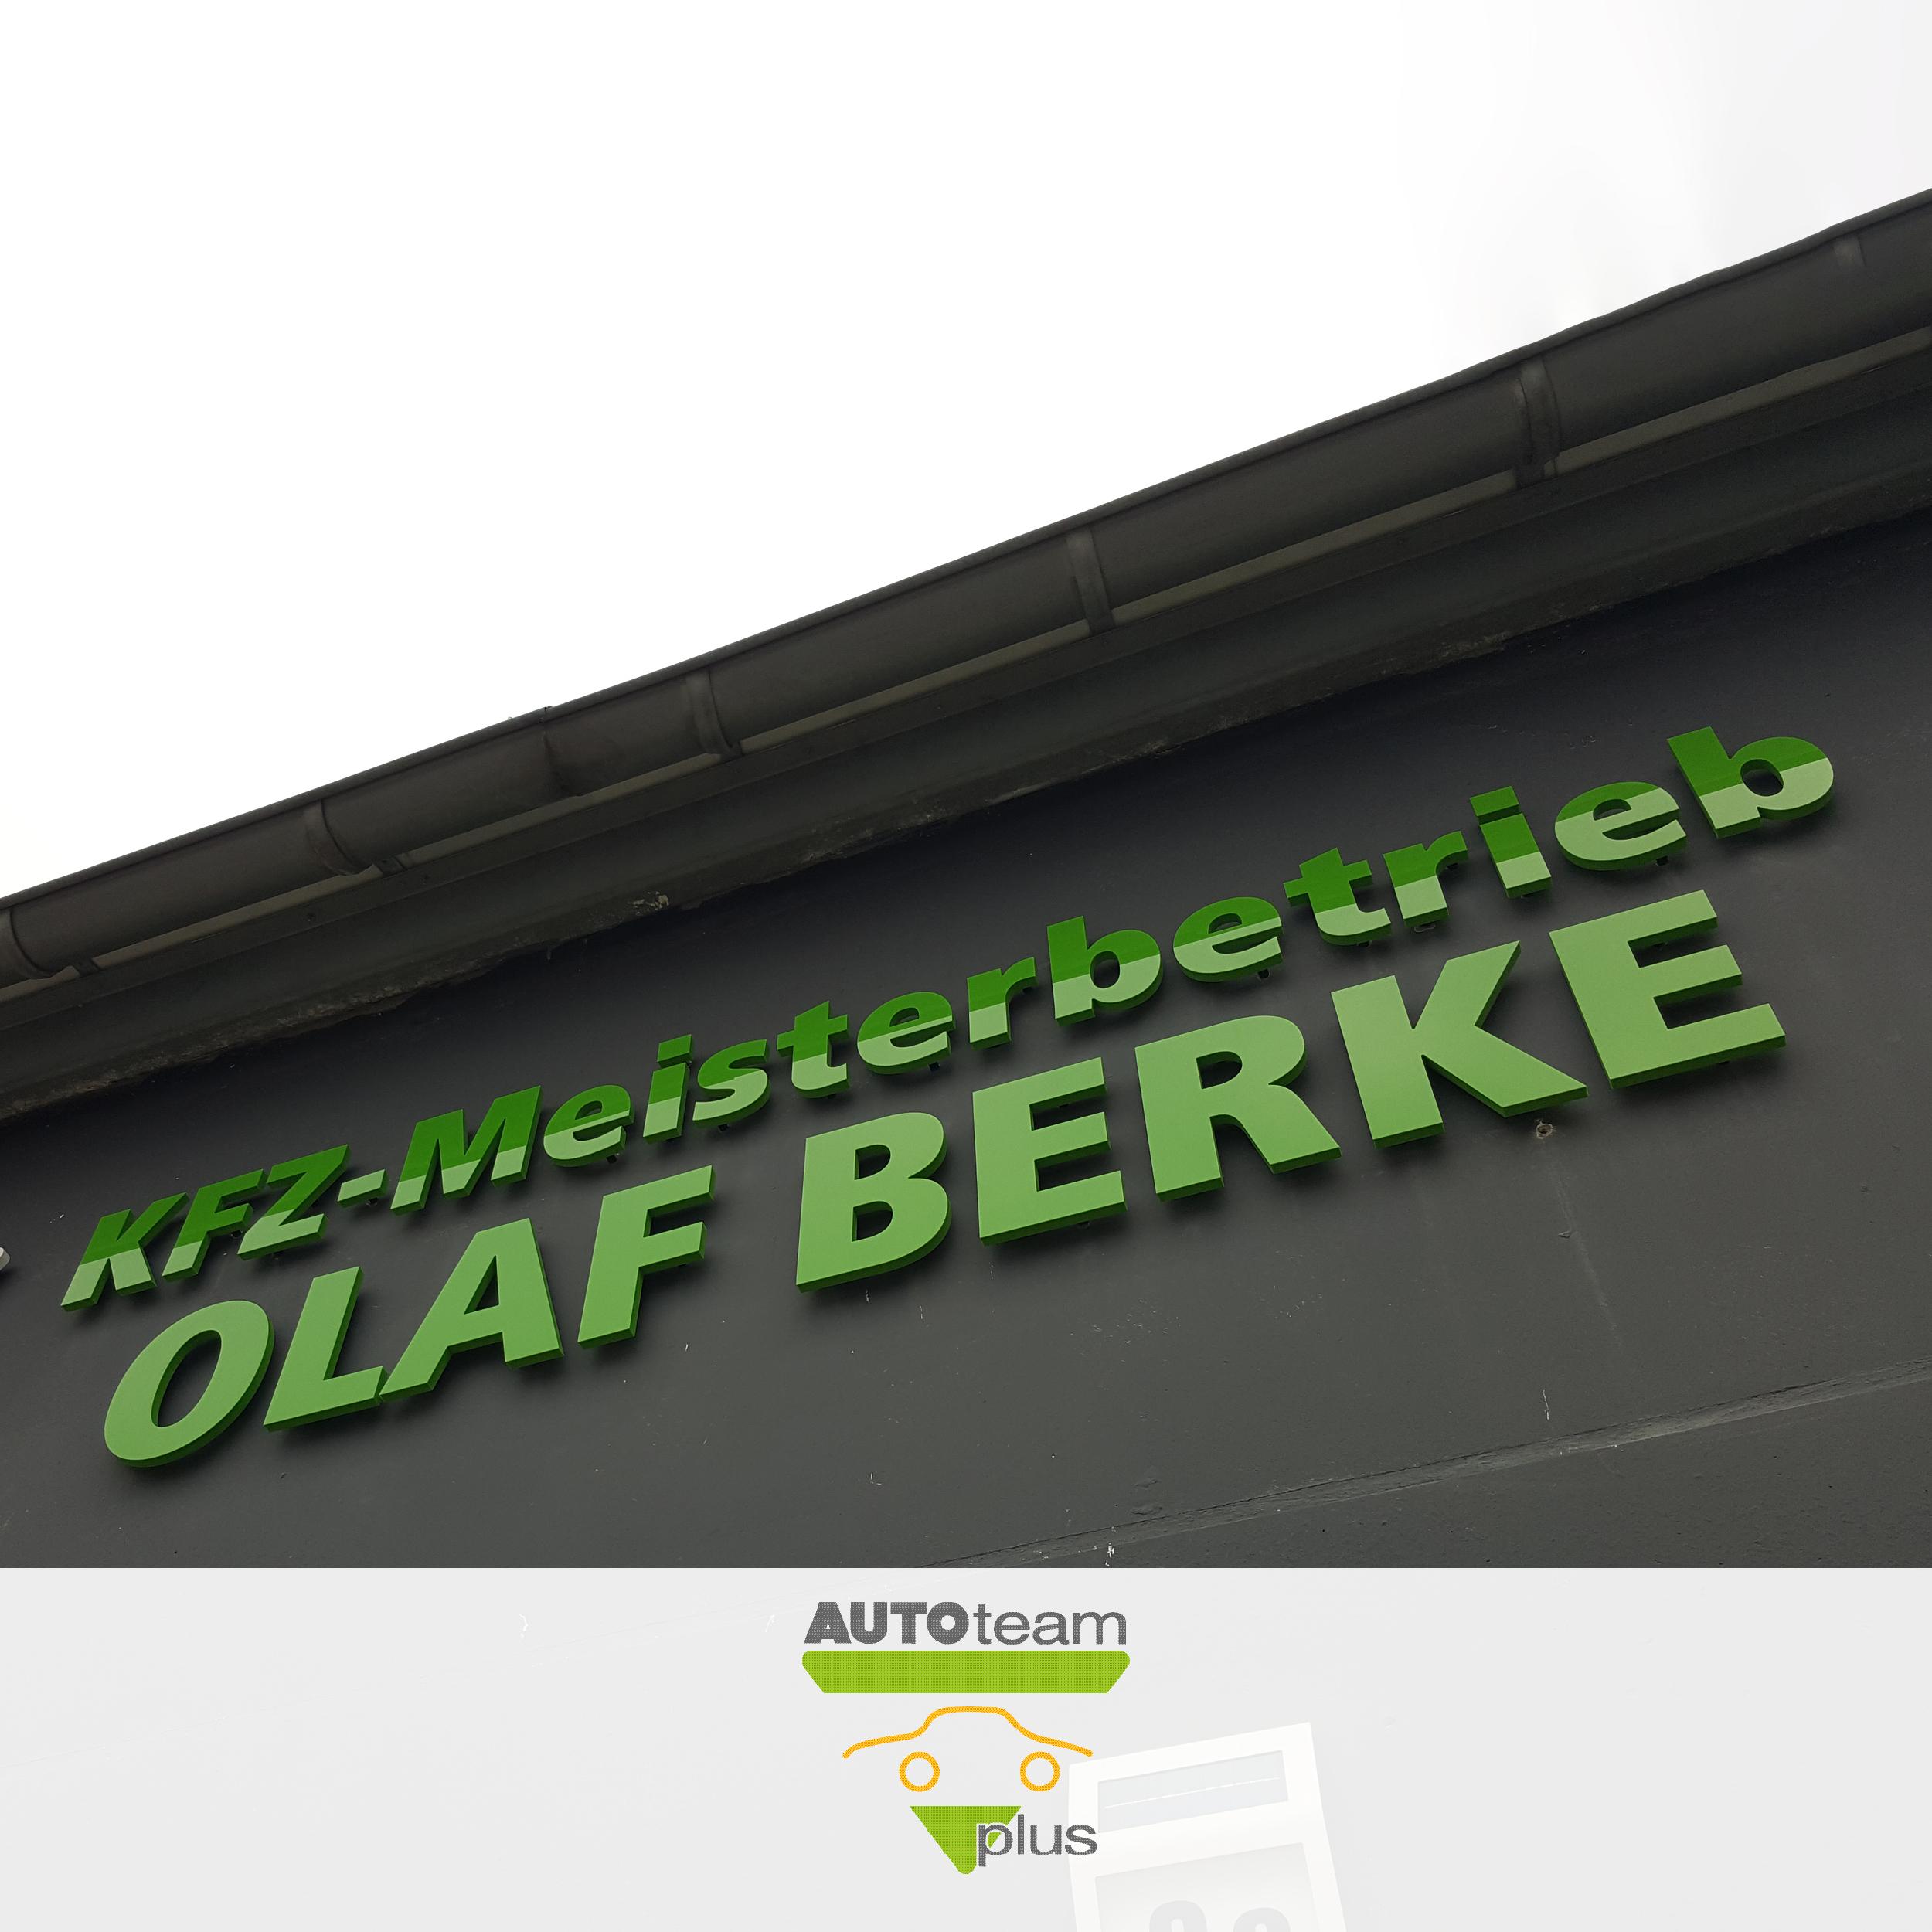 Kfz-Meisterbetrieb Olaf Berke Datteln